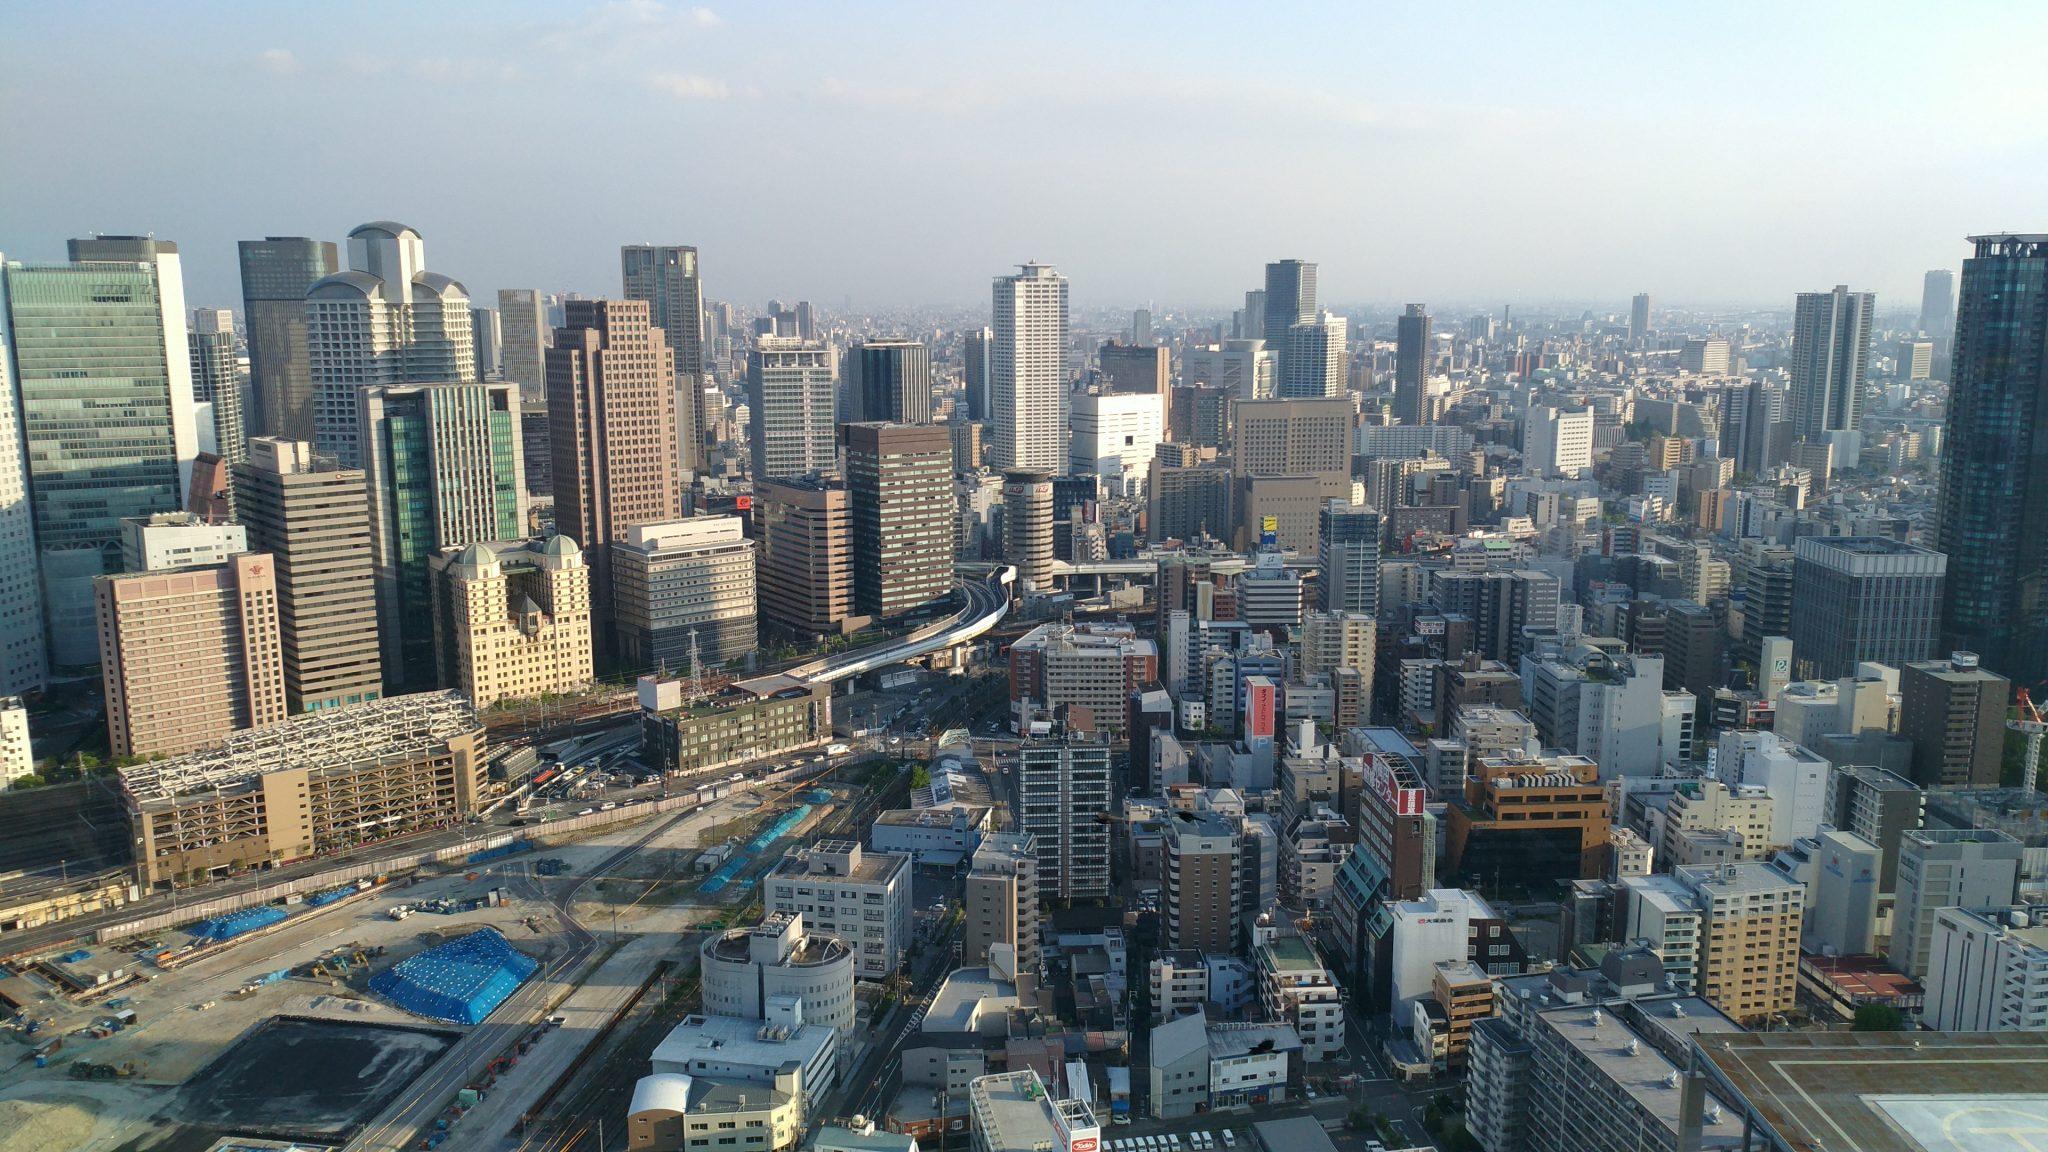 Jak zorganizować wyjazd do Japonii: kiedy najlepiej polecieć? Jakimi liniami? Jak wygląda lot do Japonii?